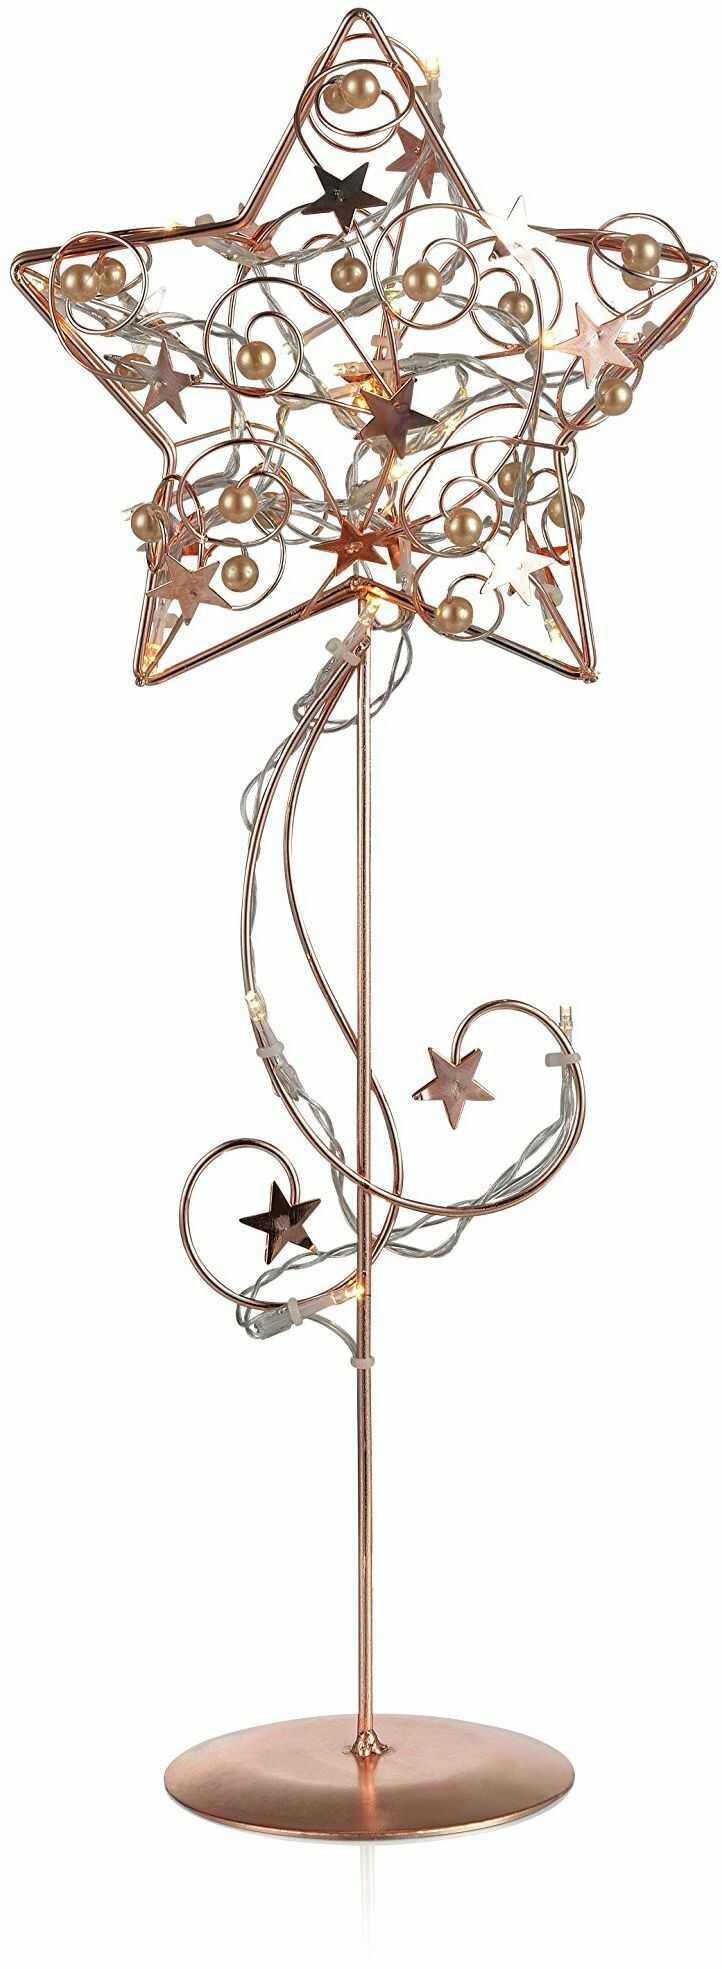 Markslöjd 703901, lampa stołowa, 0,5 W, zintegrowana, miedziana, 18 x 10,5 x 44 cm